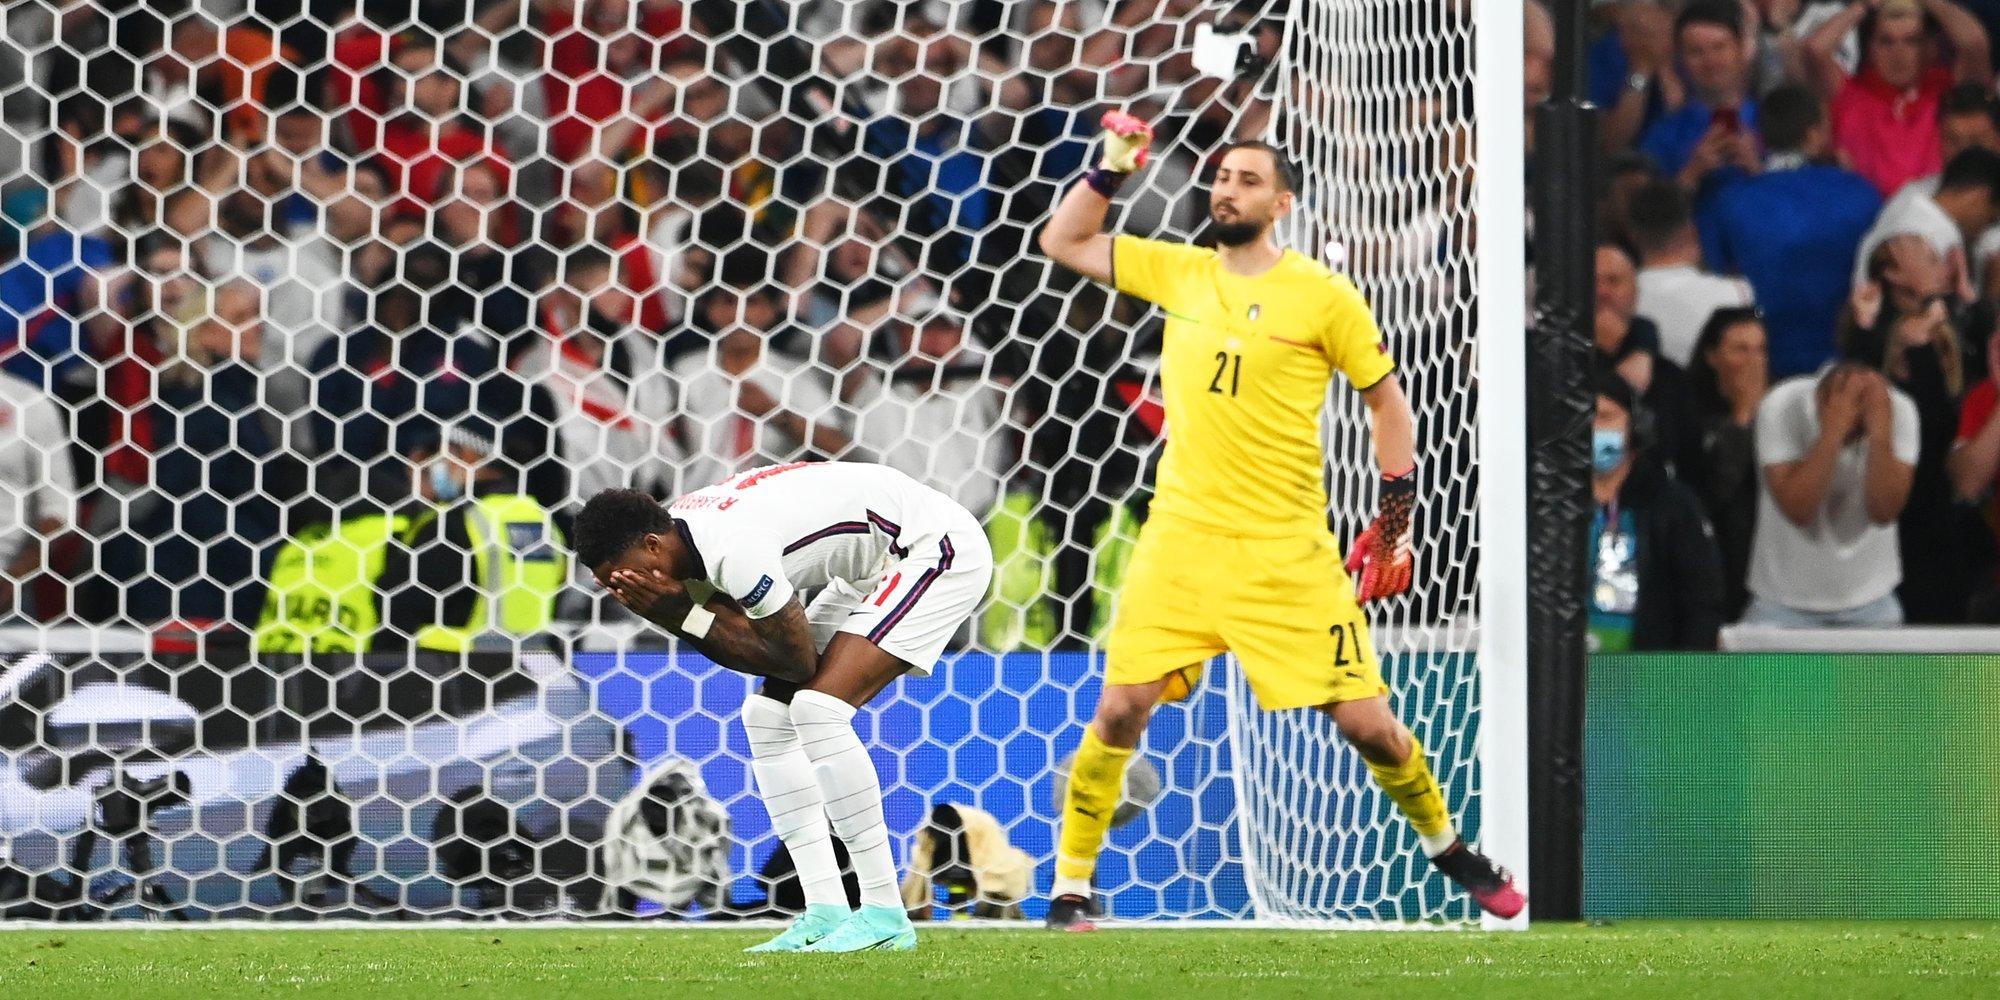 Twitter удалил свыше 1 тысячи расистских комментариев в адрес игроков сборной Англии после финала Евро-2020